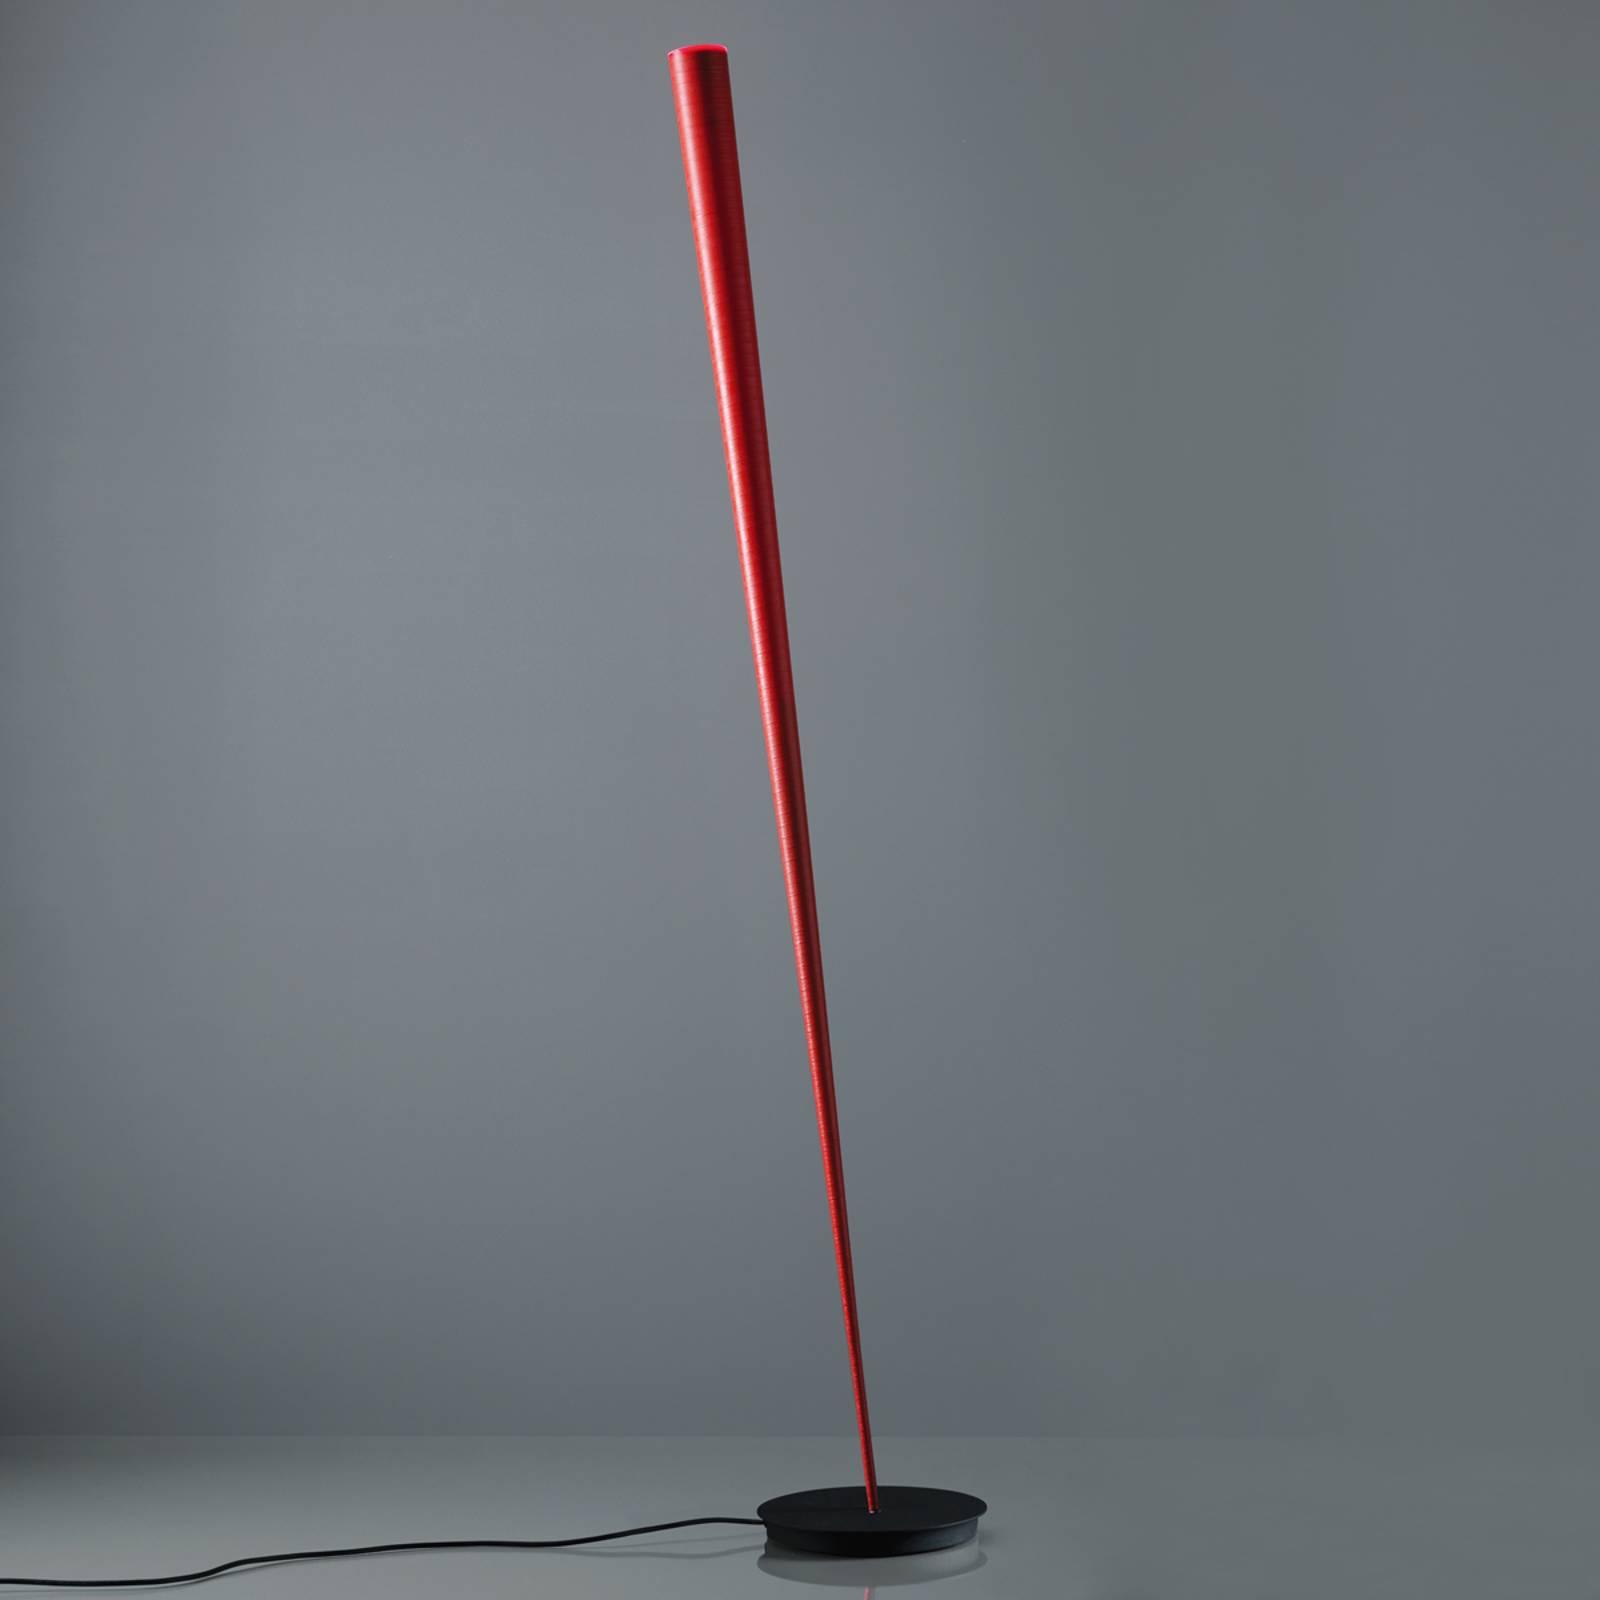 Lampadaire de designer Drink en rouge